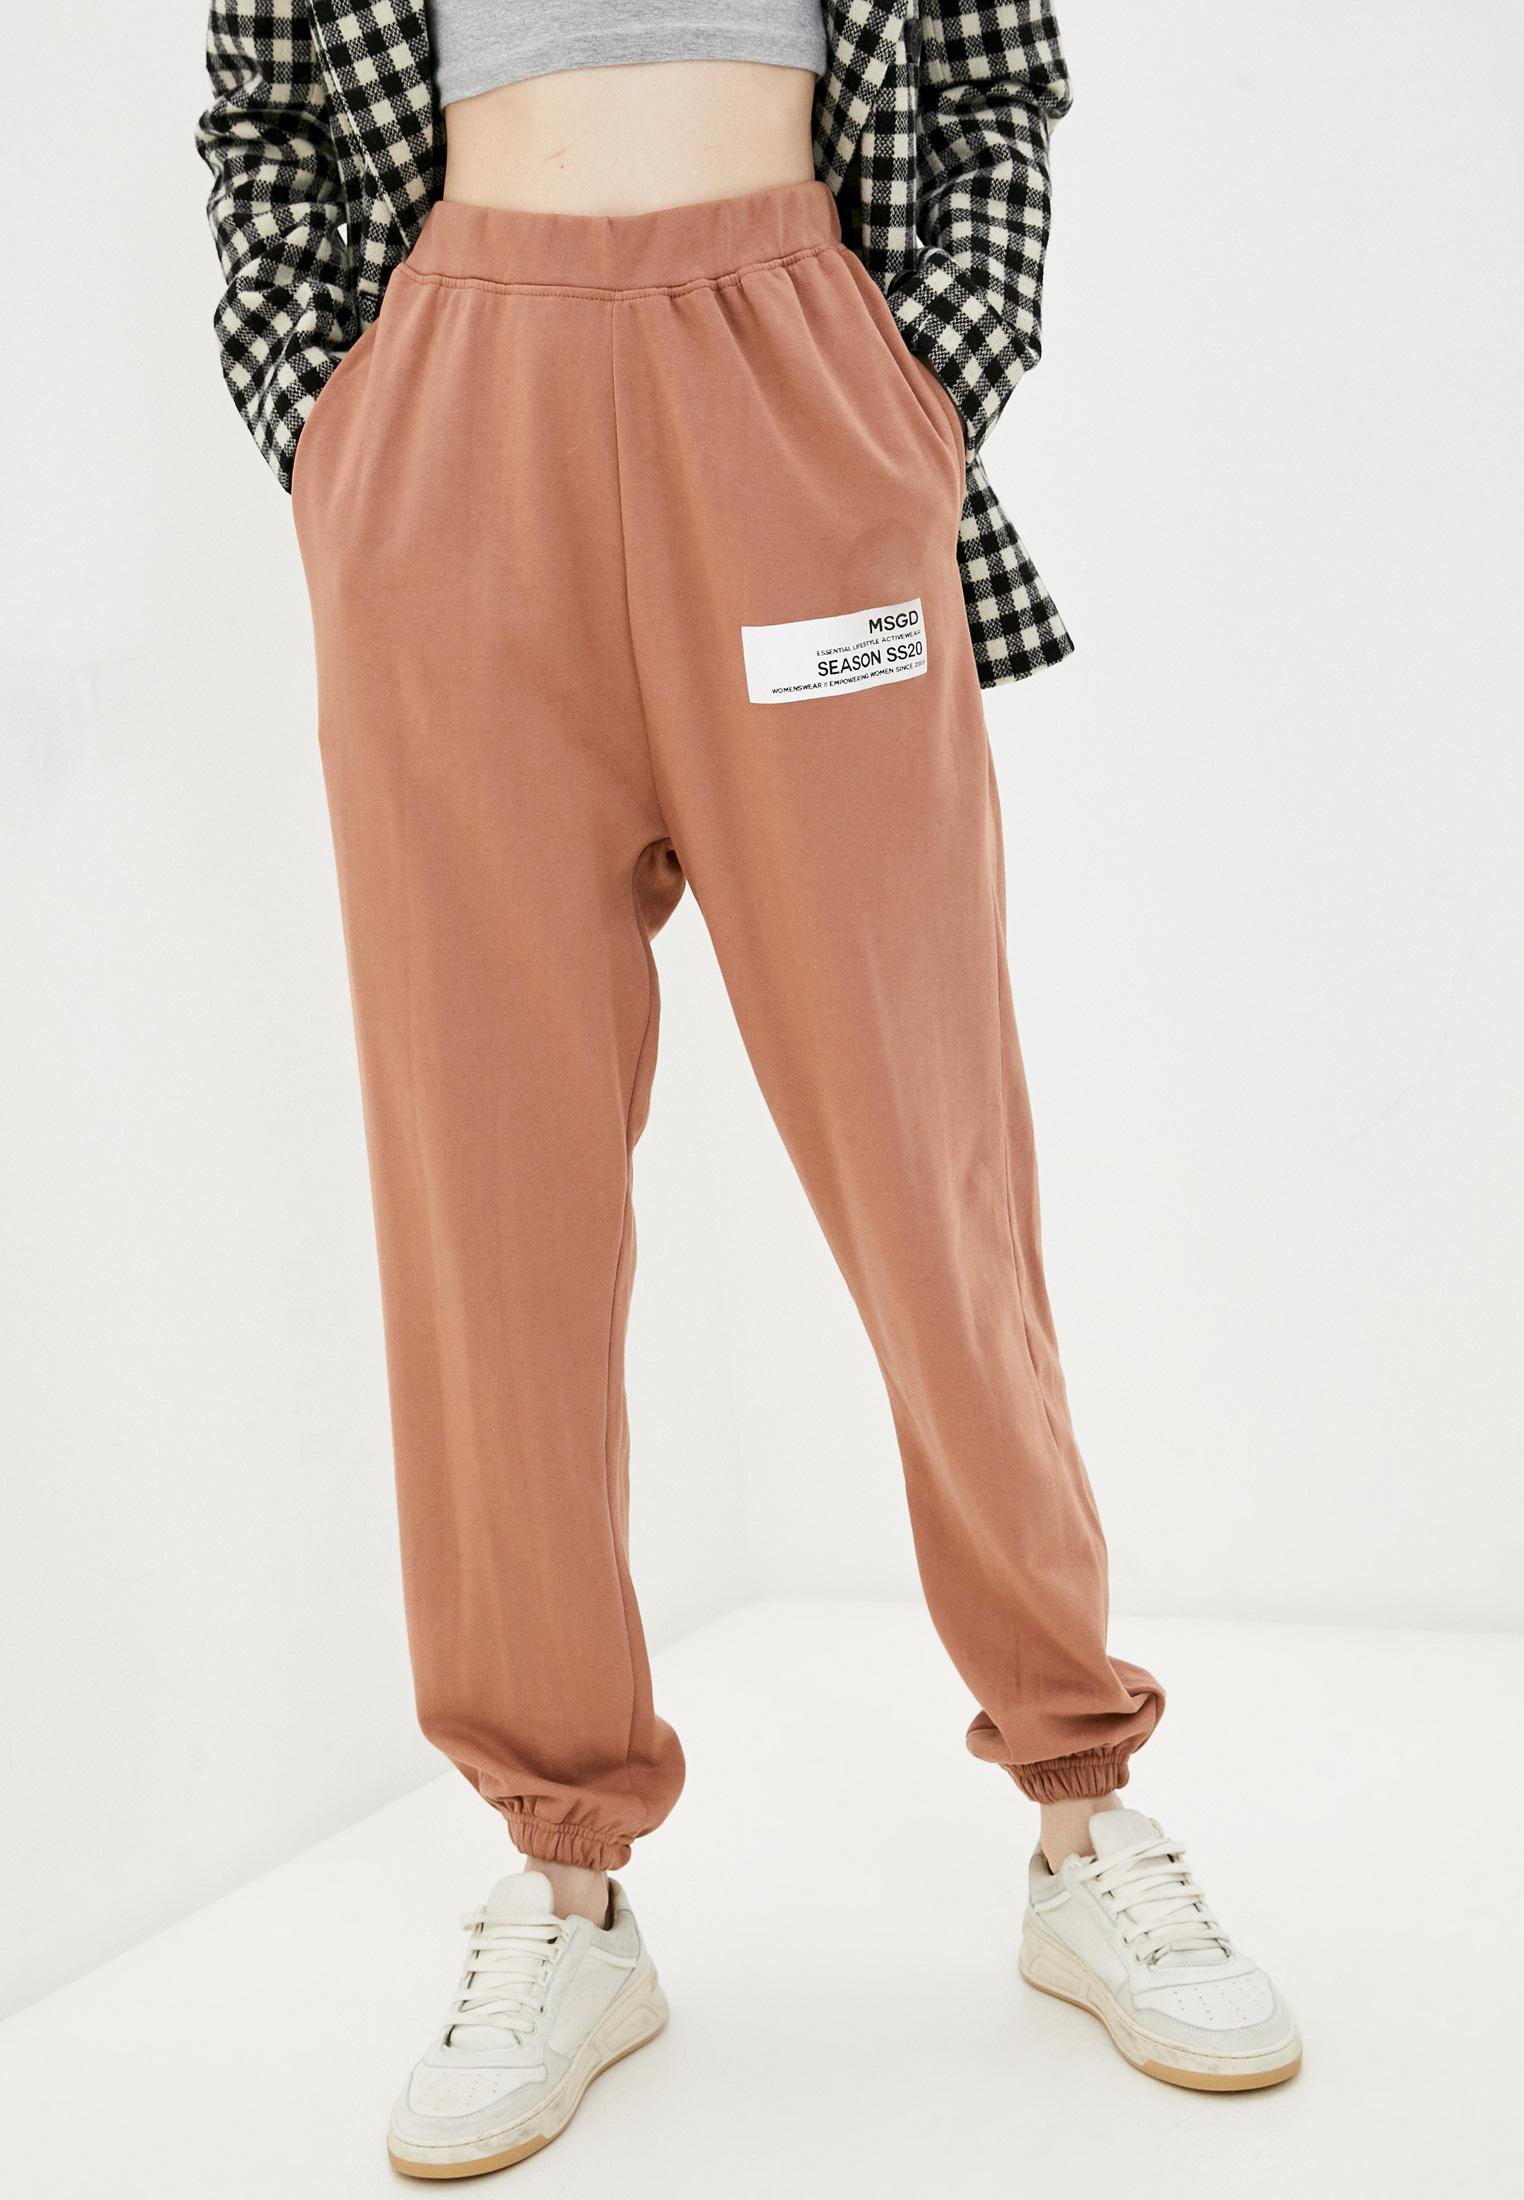 Женские спортивные брюки MISSGUIDED B1503600